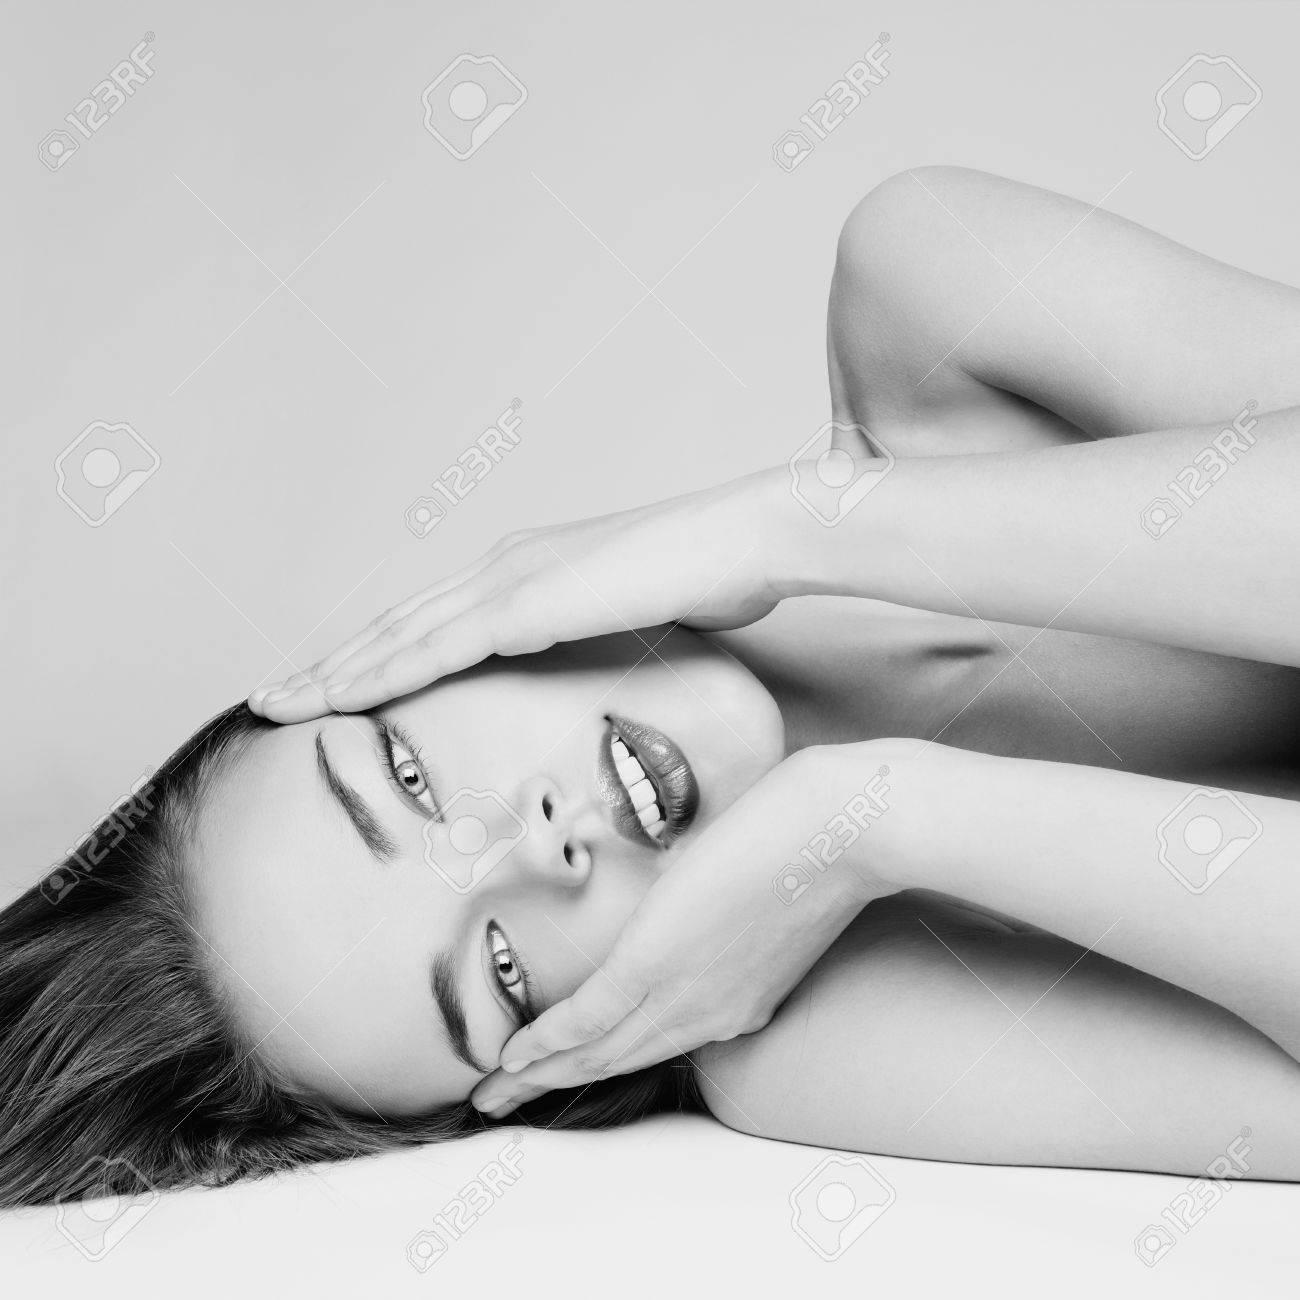 Angelica Bella Fotos ritratto di signora angelica bella su uno sfondo bianco